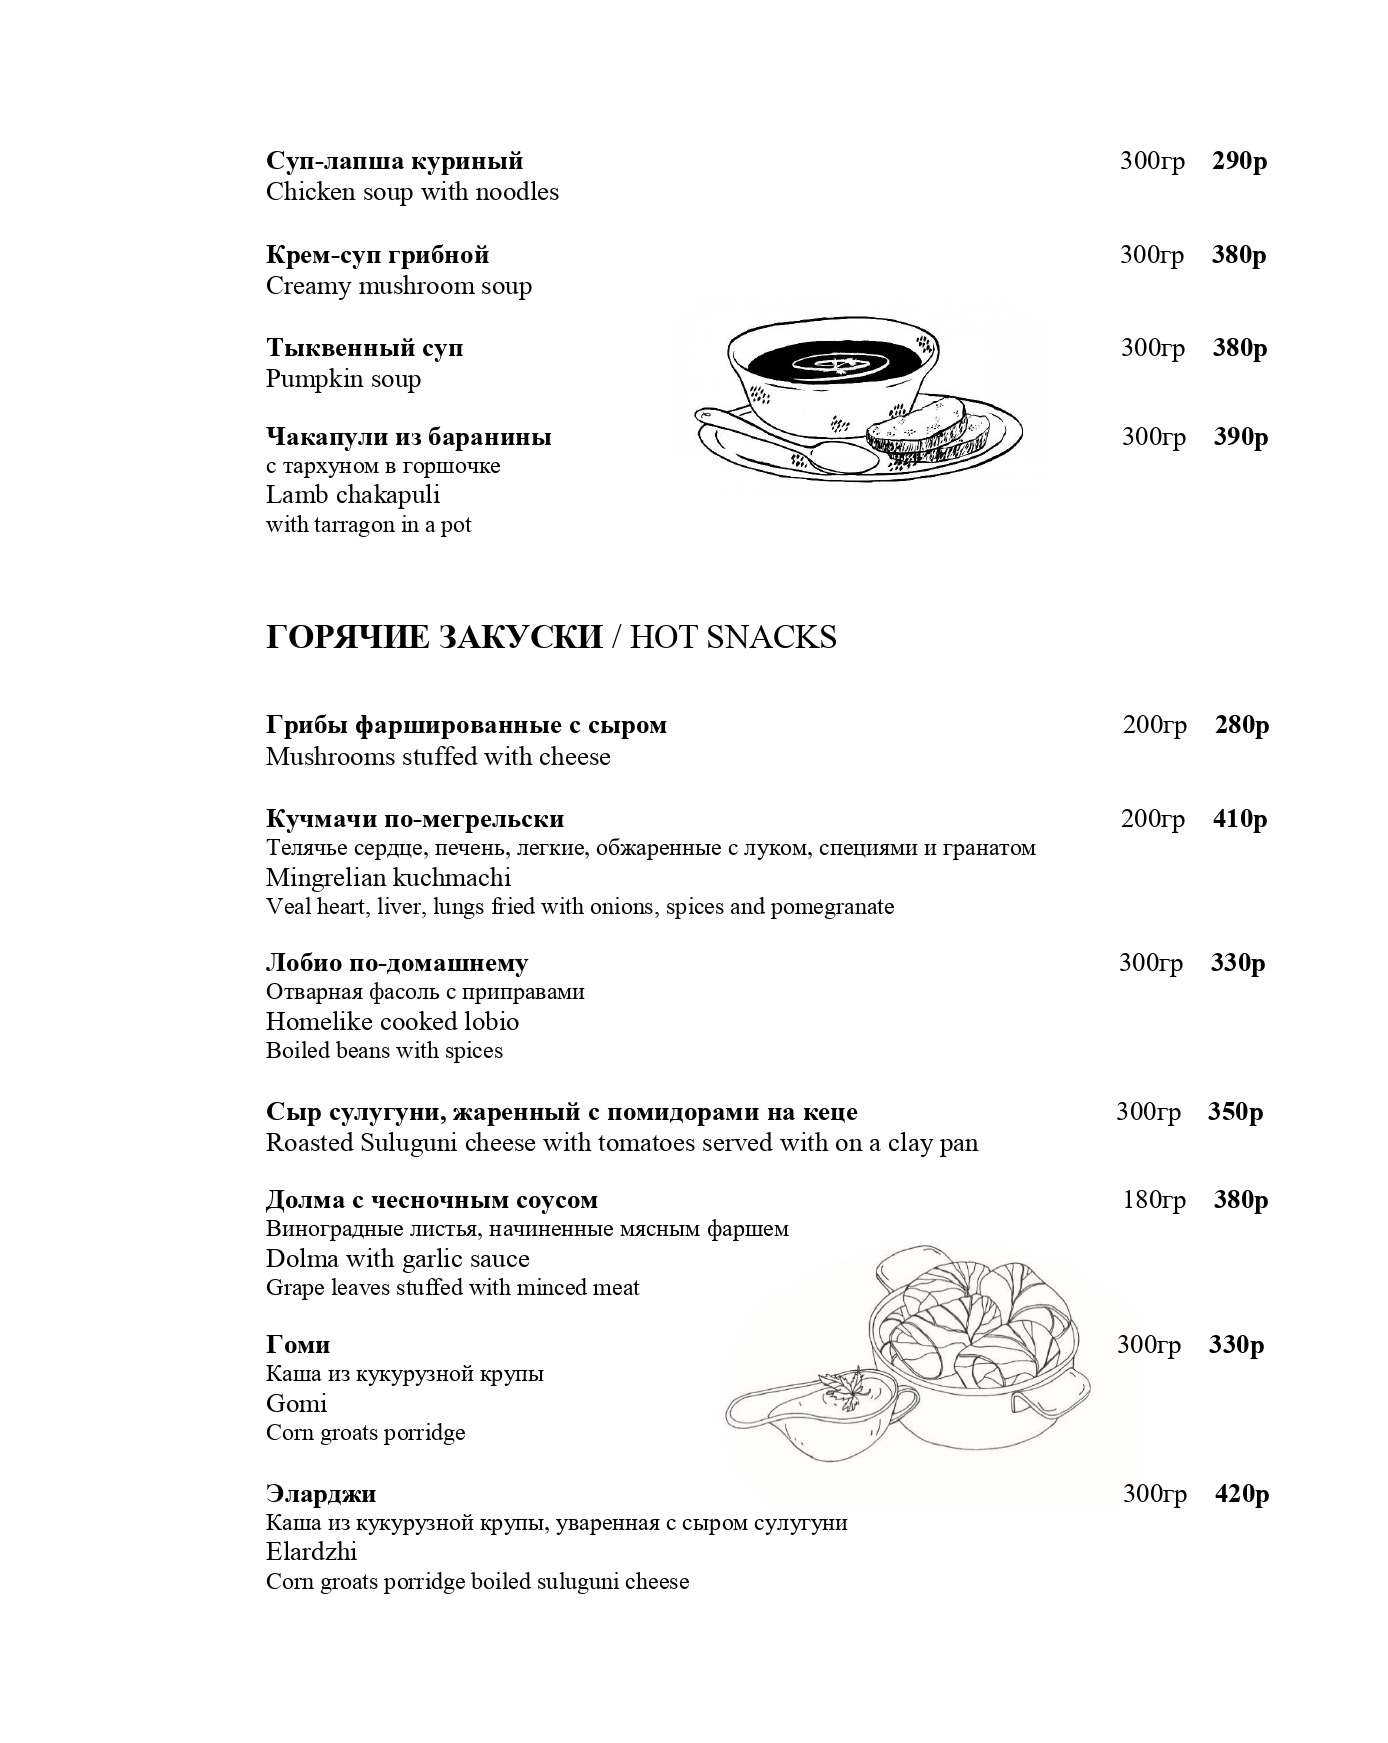 меню нижегородская (22 шт)_pages-to-jpg-0007